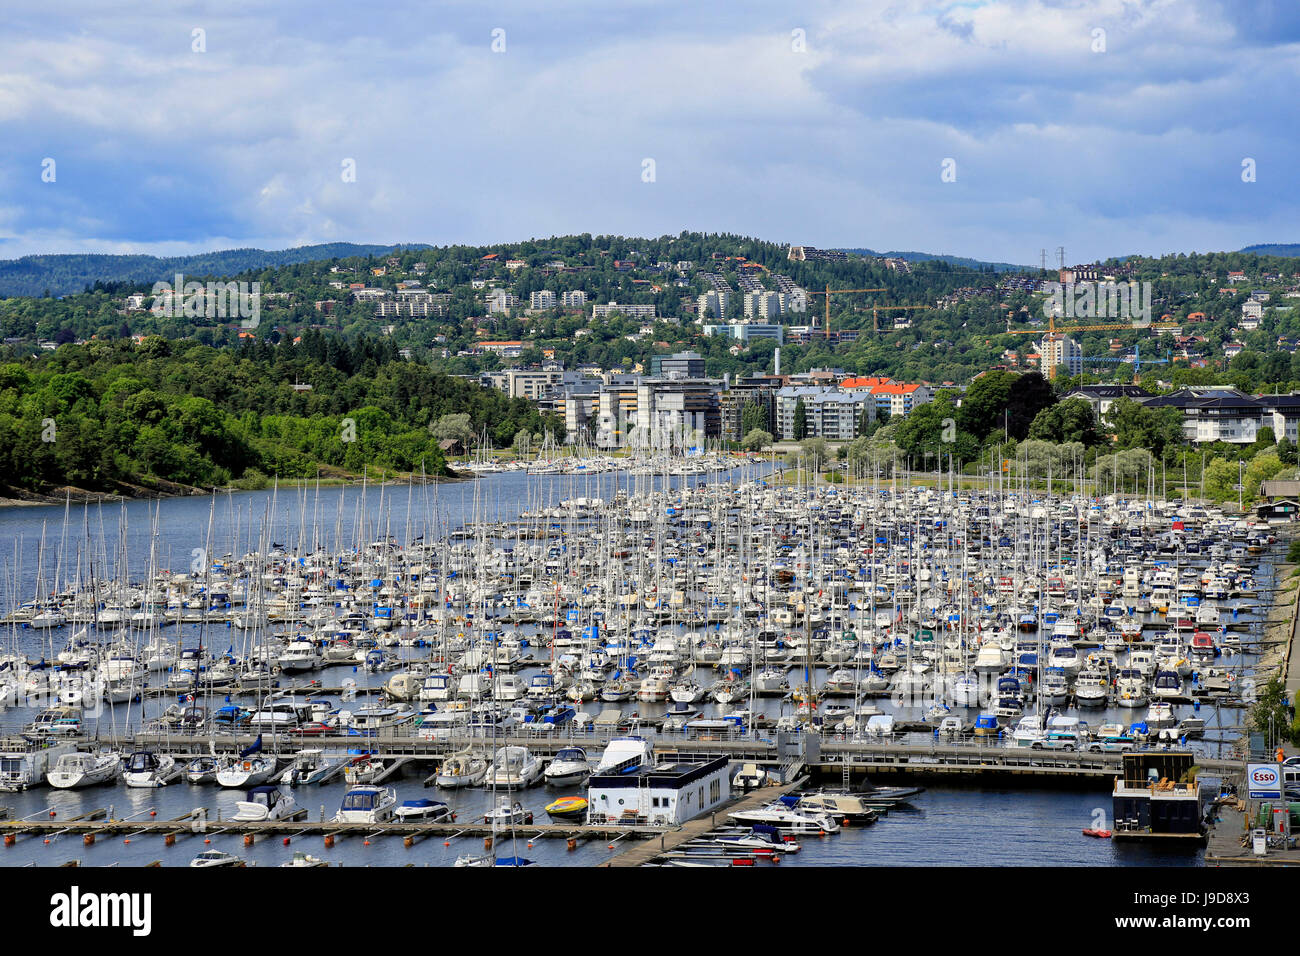 Kongen Marina, Oslo, Norvegia, Scandinavia, Europa Foto Stock